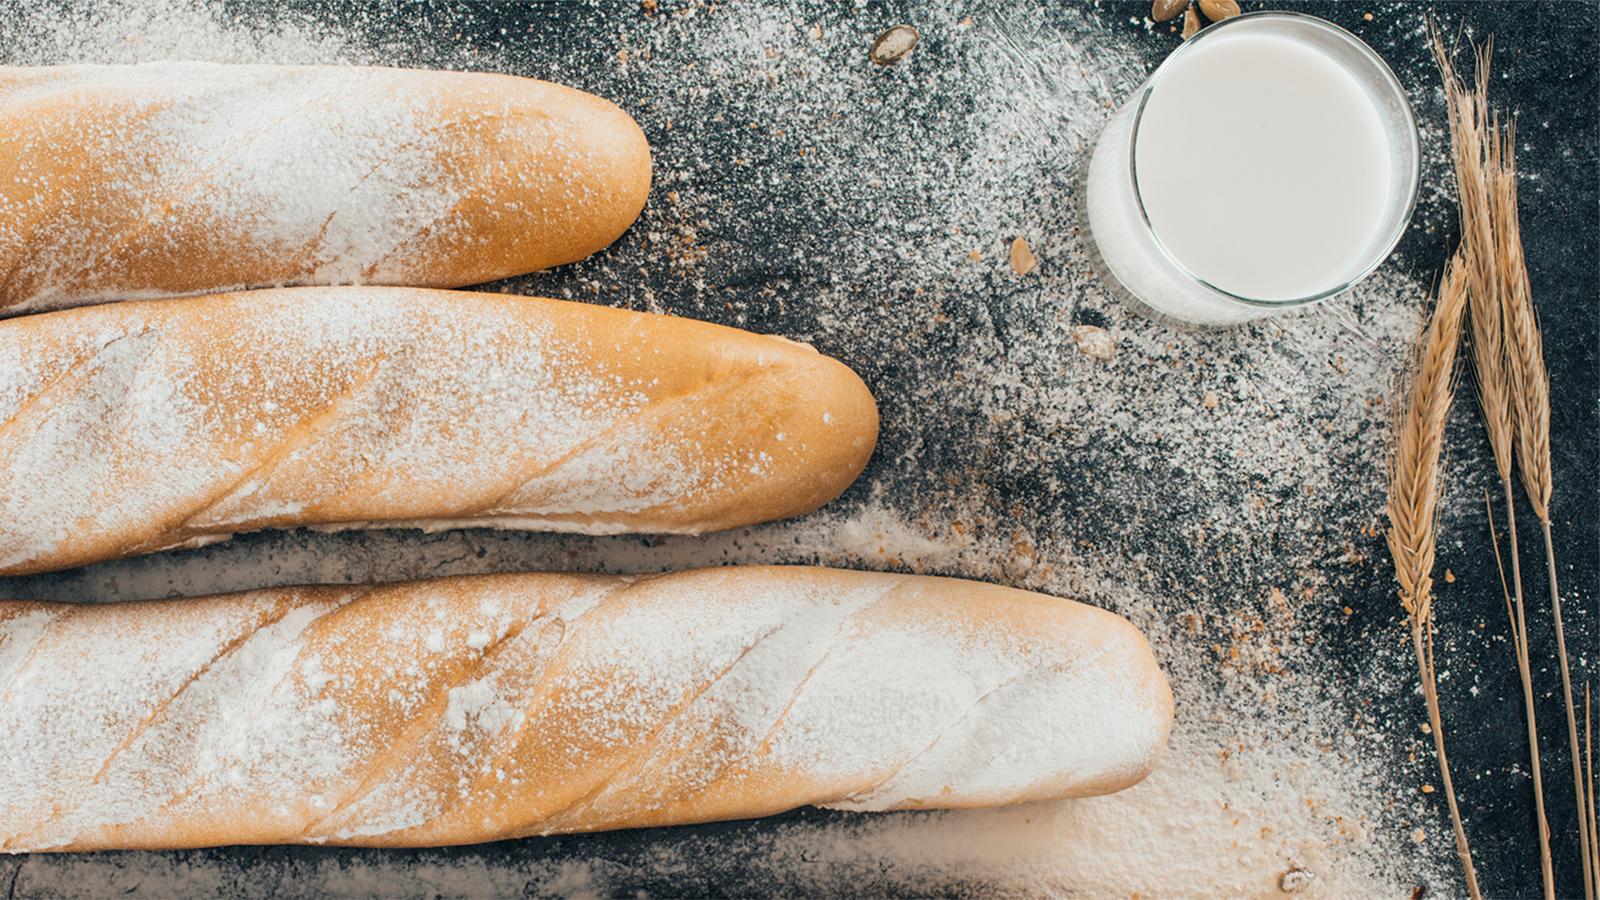 糖質制限中にミルクフランスって食べていいの?!ミルクフランスを糖質の観点から徹底解説